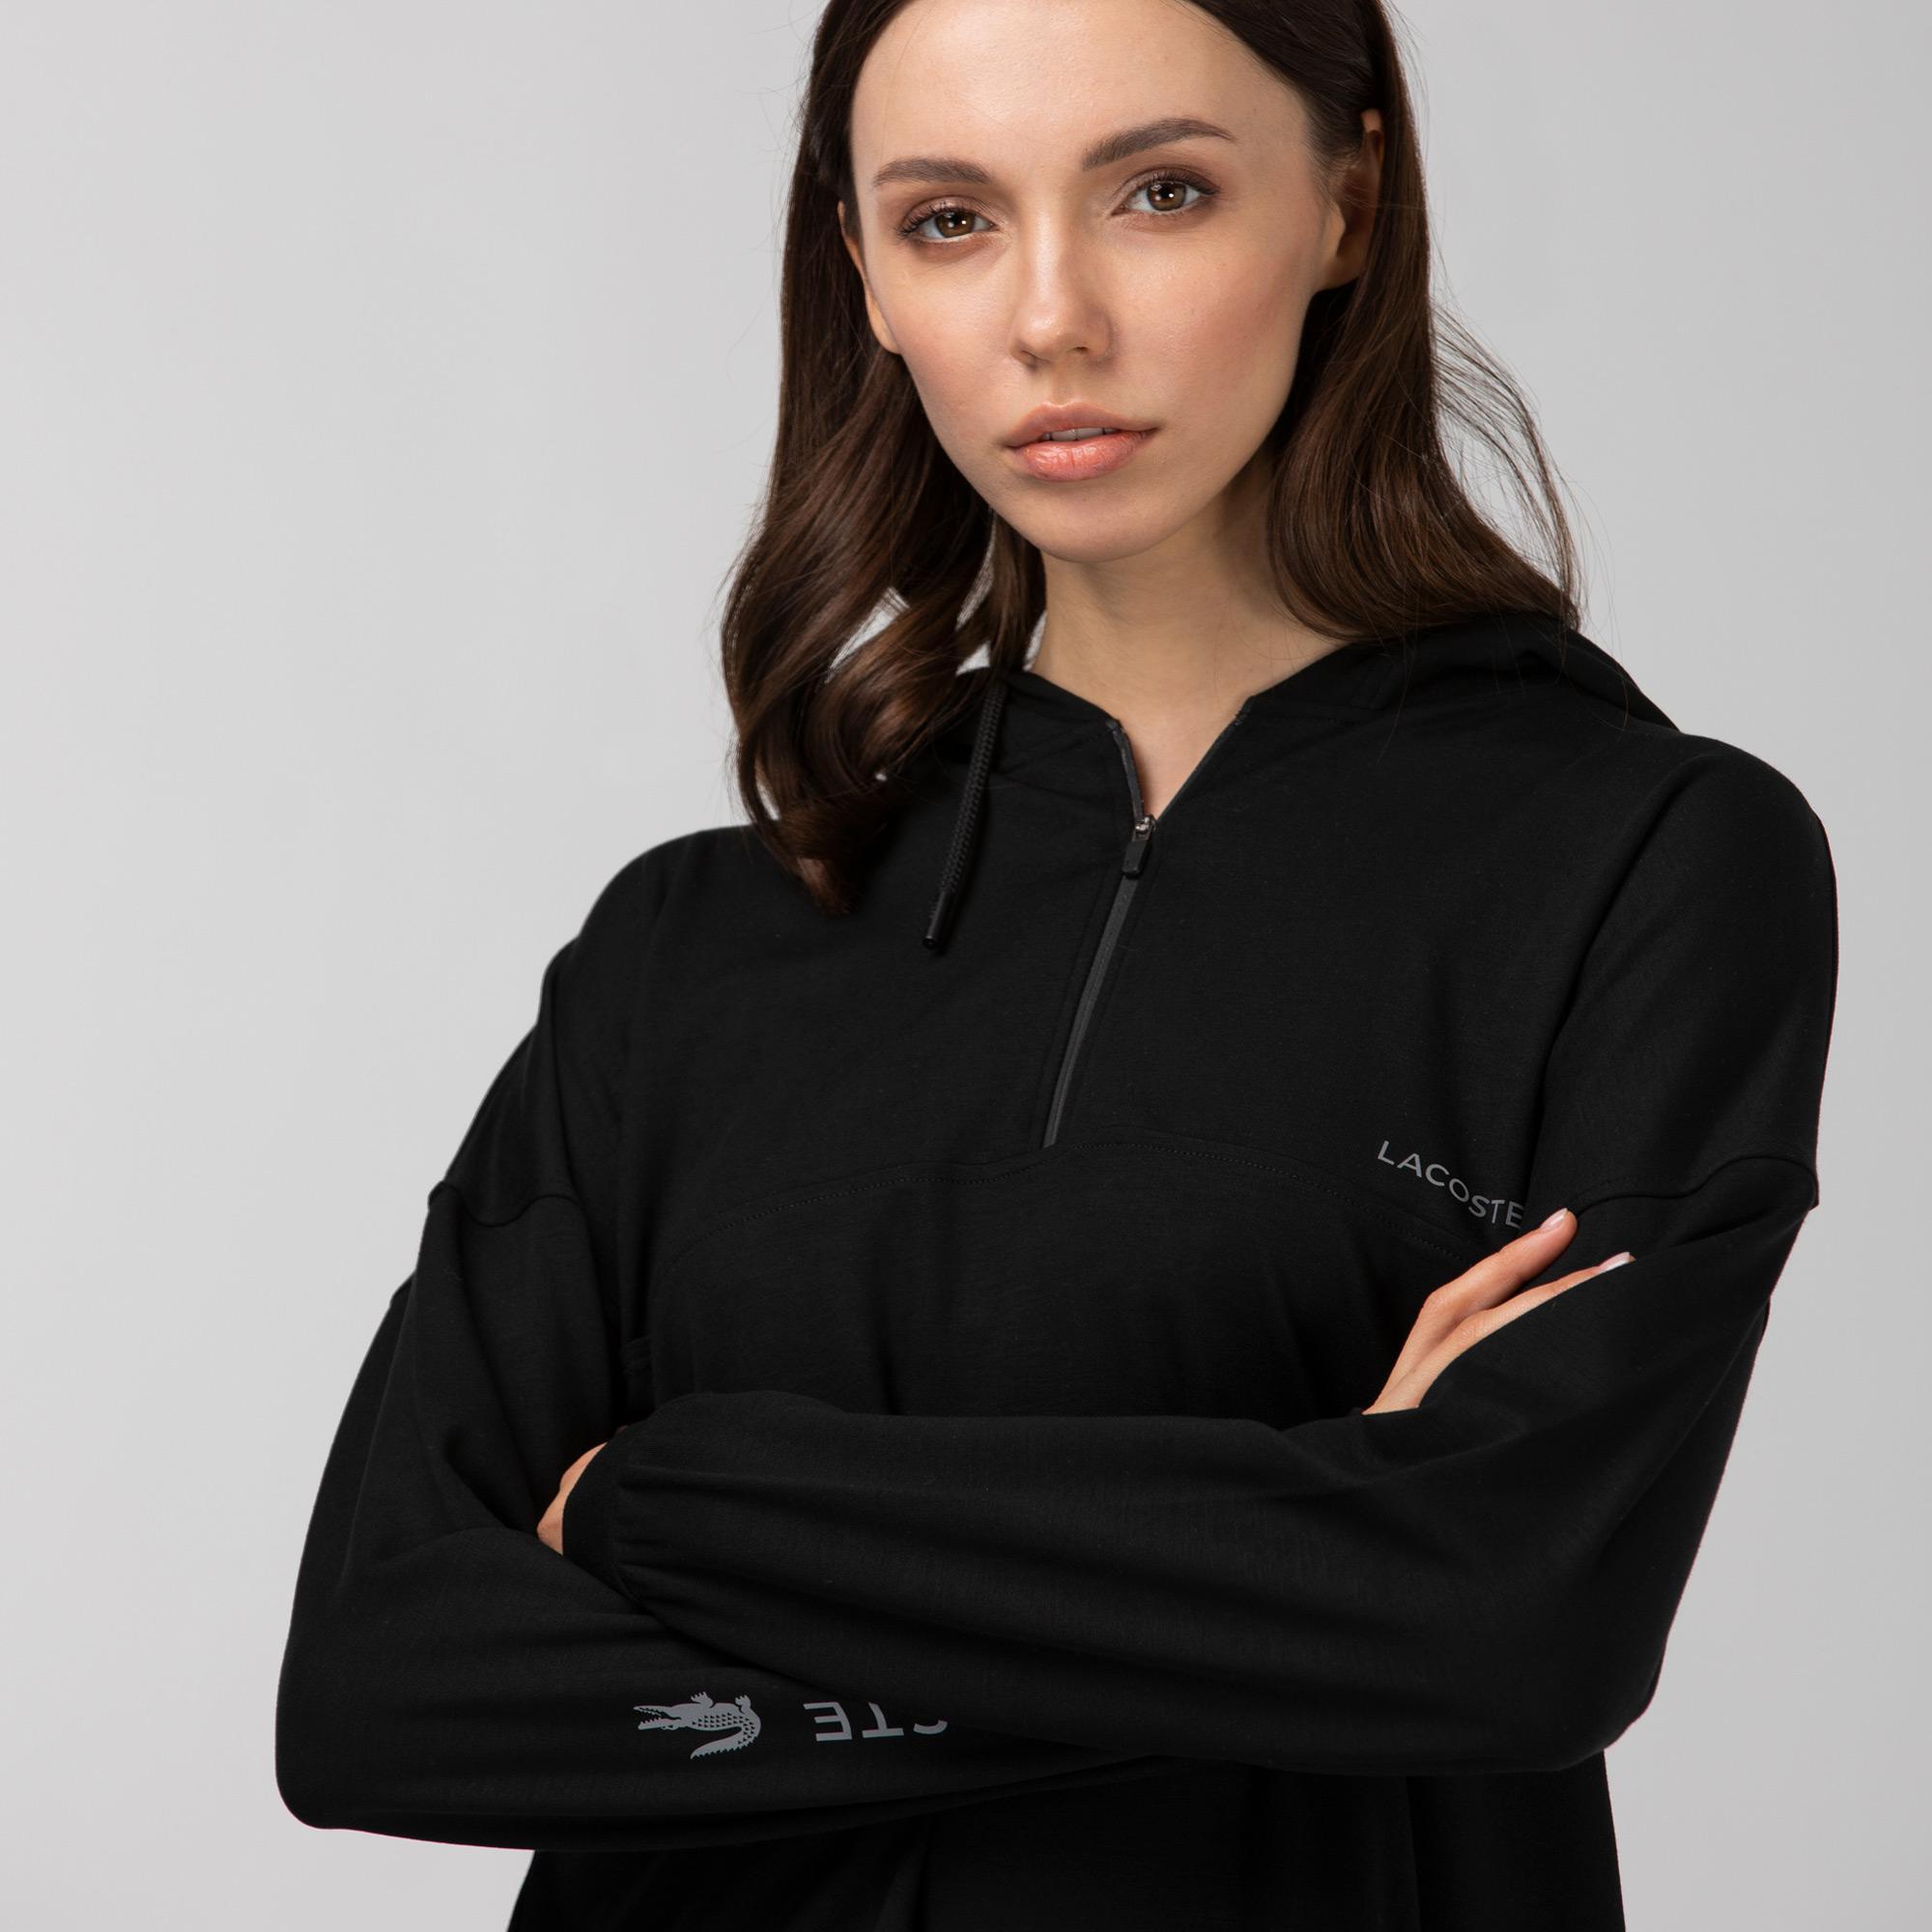 Lacoste Kadın Baskılı Fermuar Yaka Kapüşonlu Siyah Sweatshirt